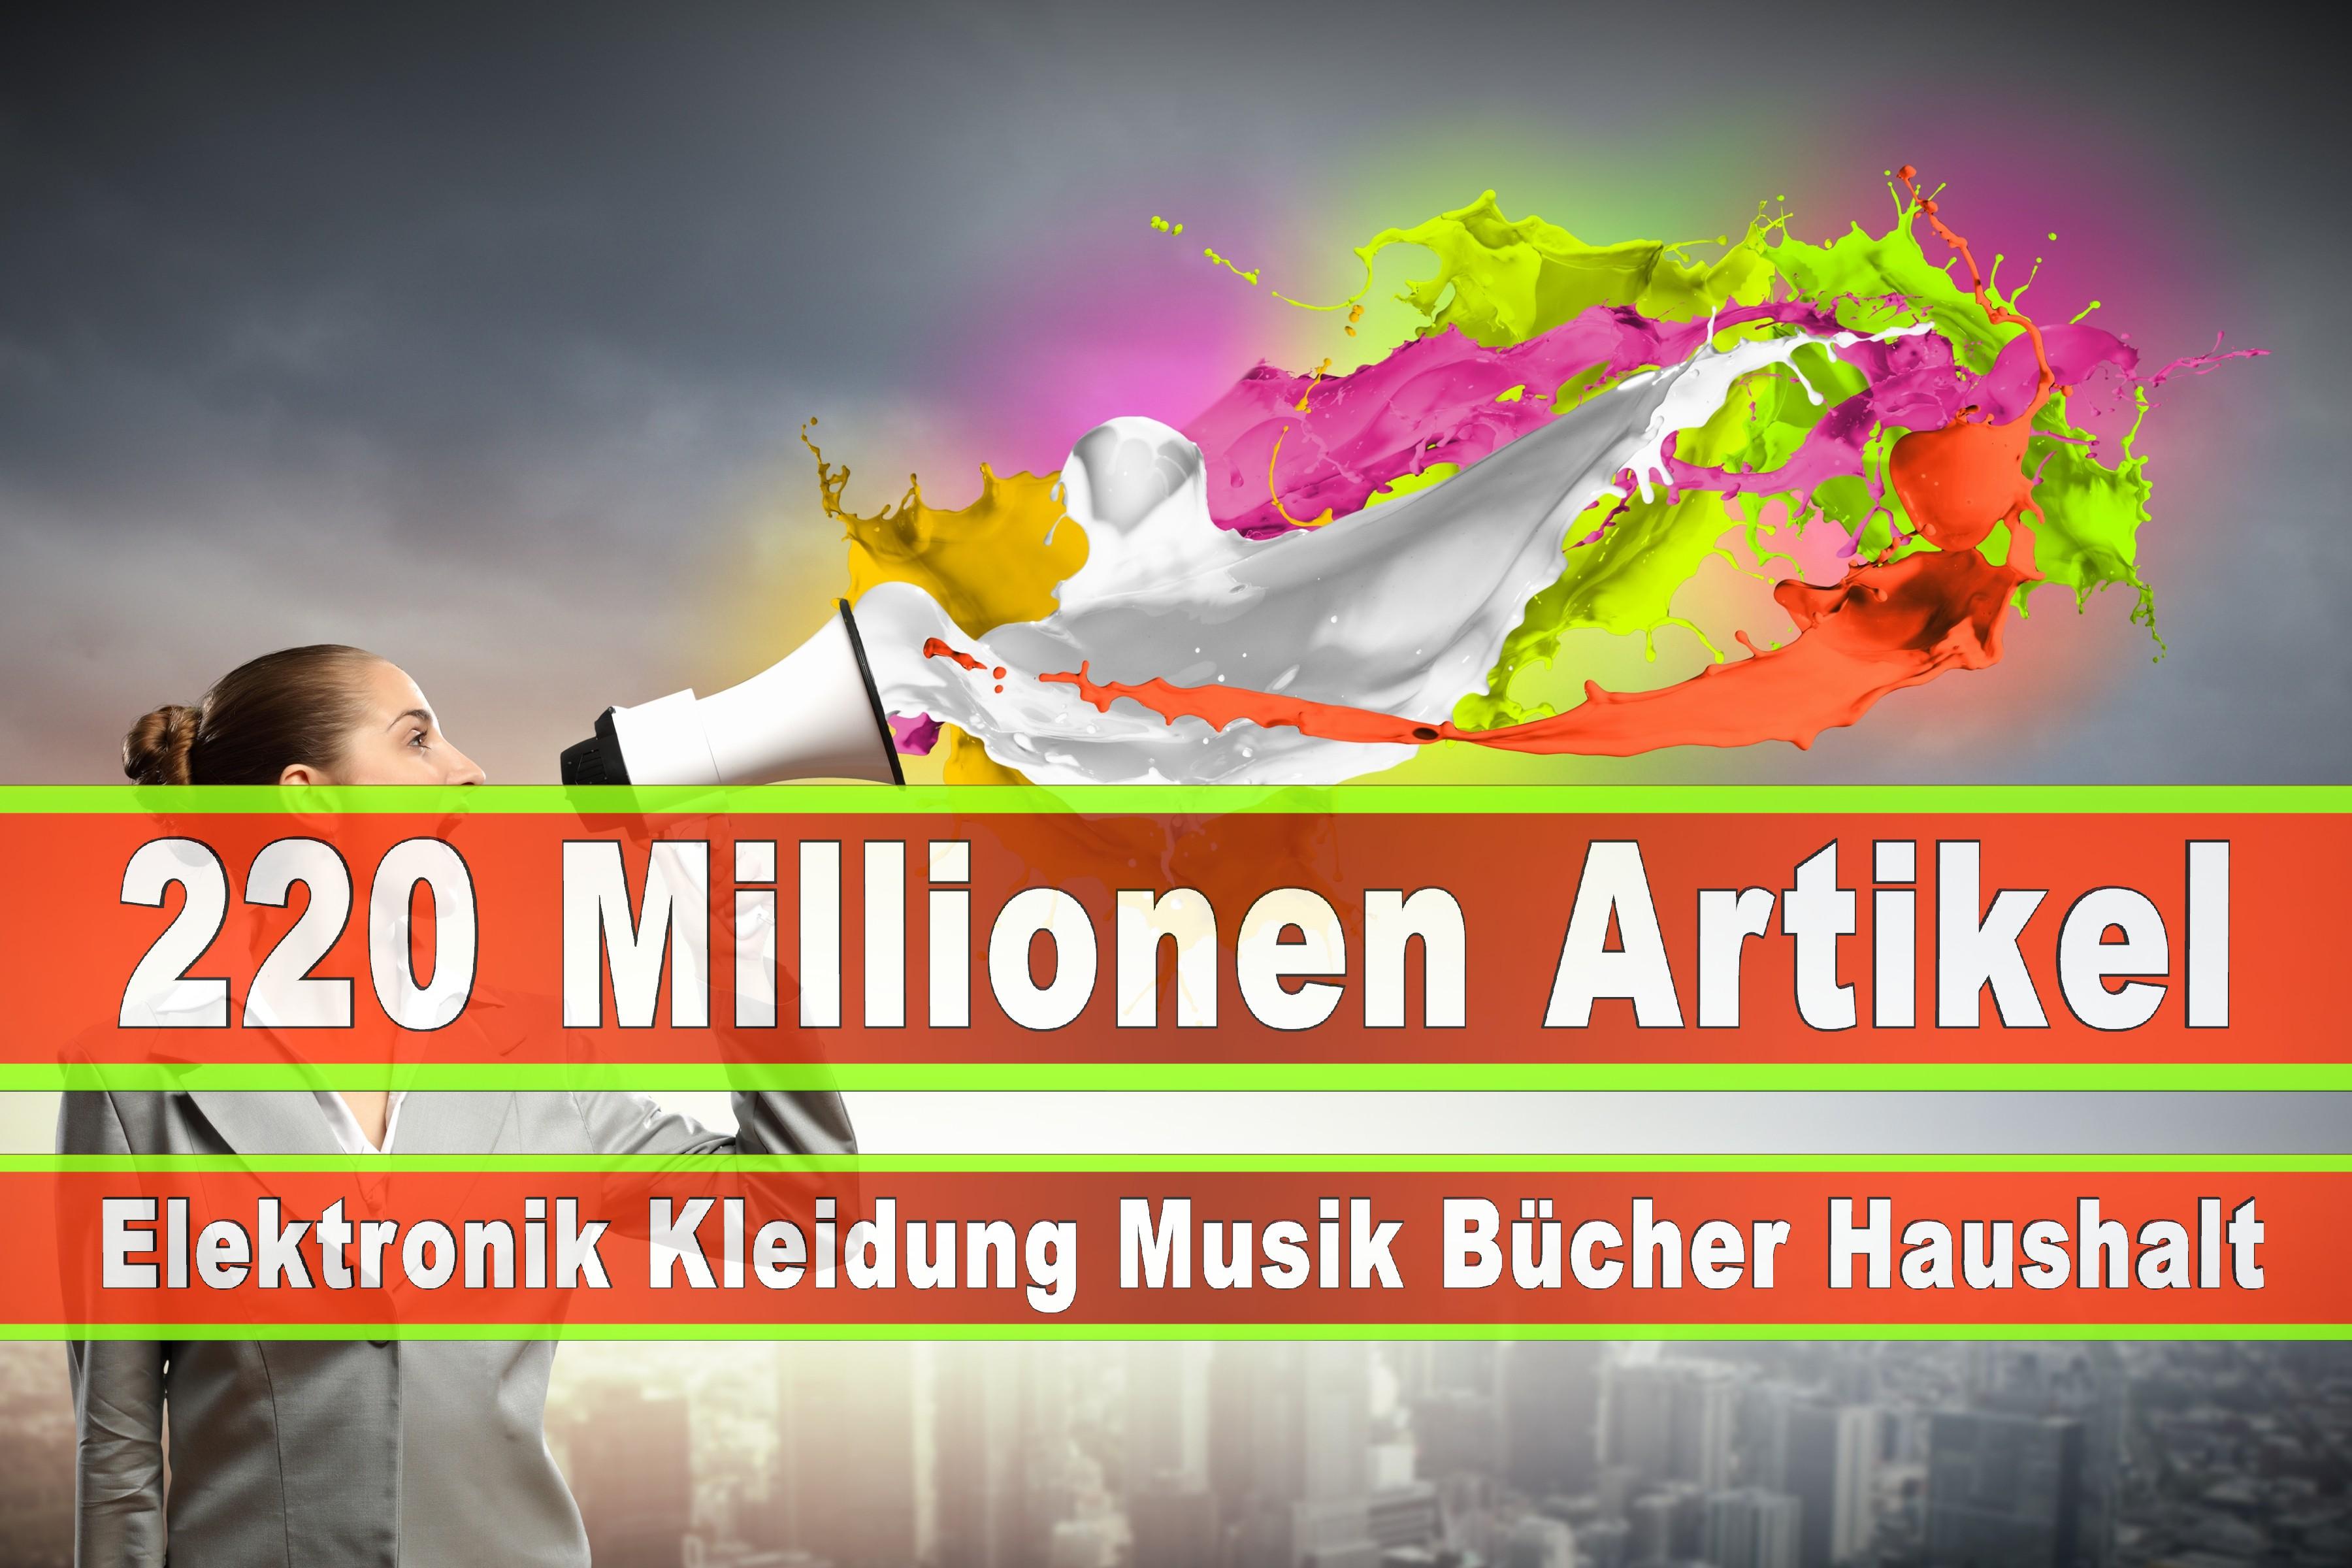 Amazon Elektronik Musik Haushalt Bücher CD DVD Handys Smartphones TV Television Fernseher Kleidung Mode Ebay Versandhaus (156)